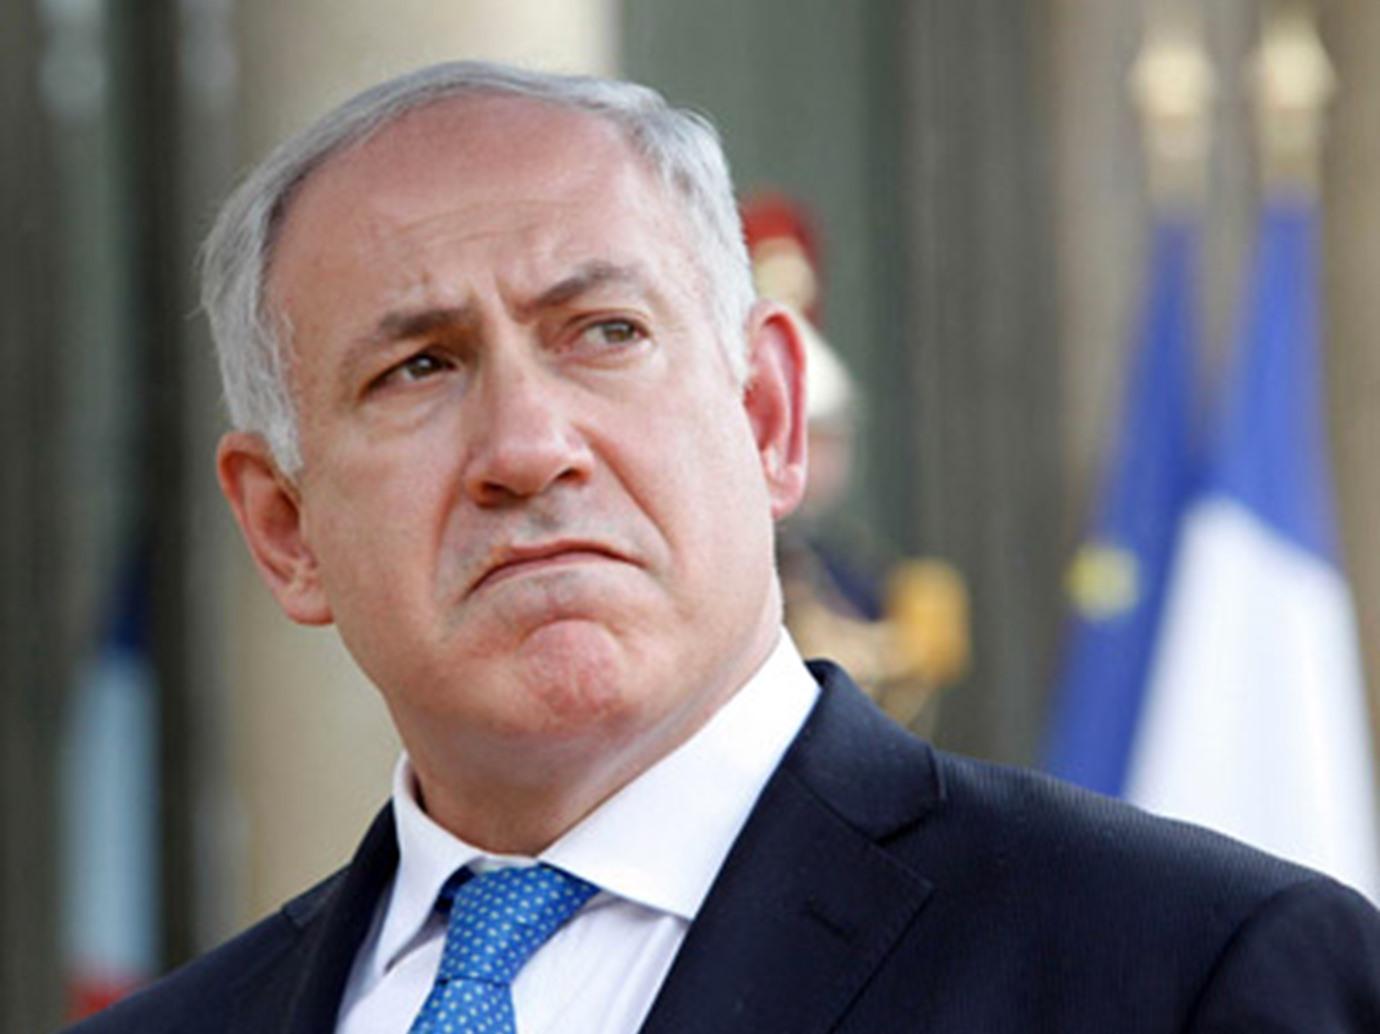 نتنياهو يعلن عن خطة لضم جزء من الضفة الغربية المحتلة بعد الانتخابات